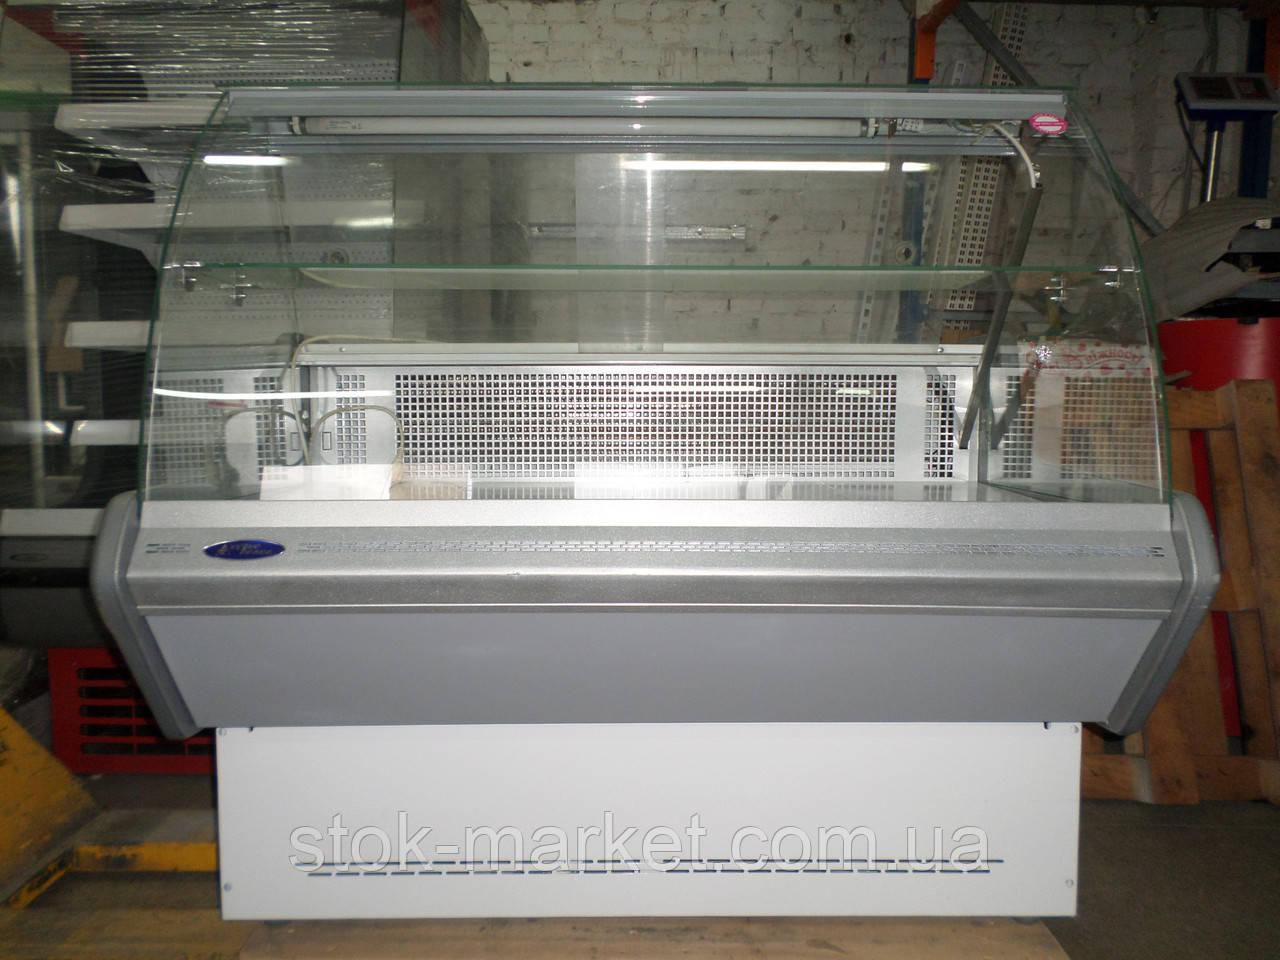 Холодильная витрина б/у Технохолод Небраска  1,3 м гастрономическая среднетемпературная.